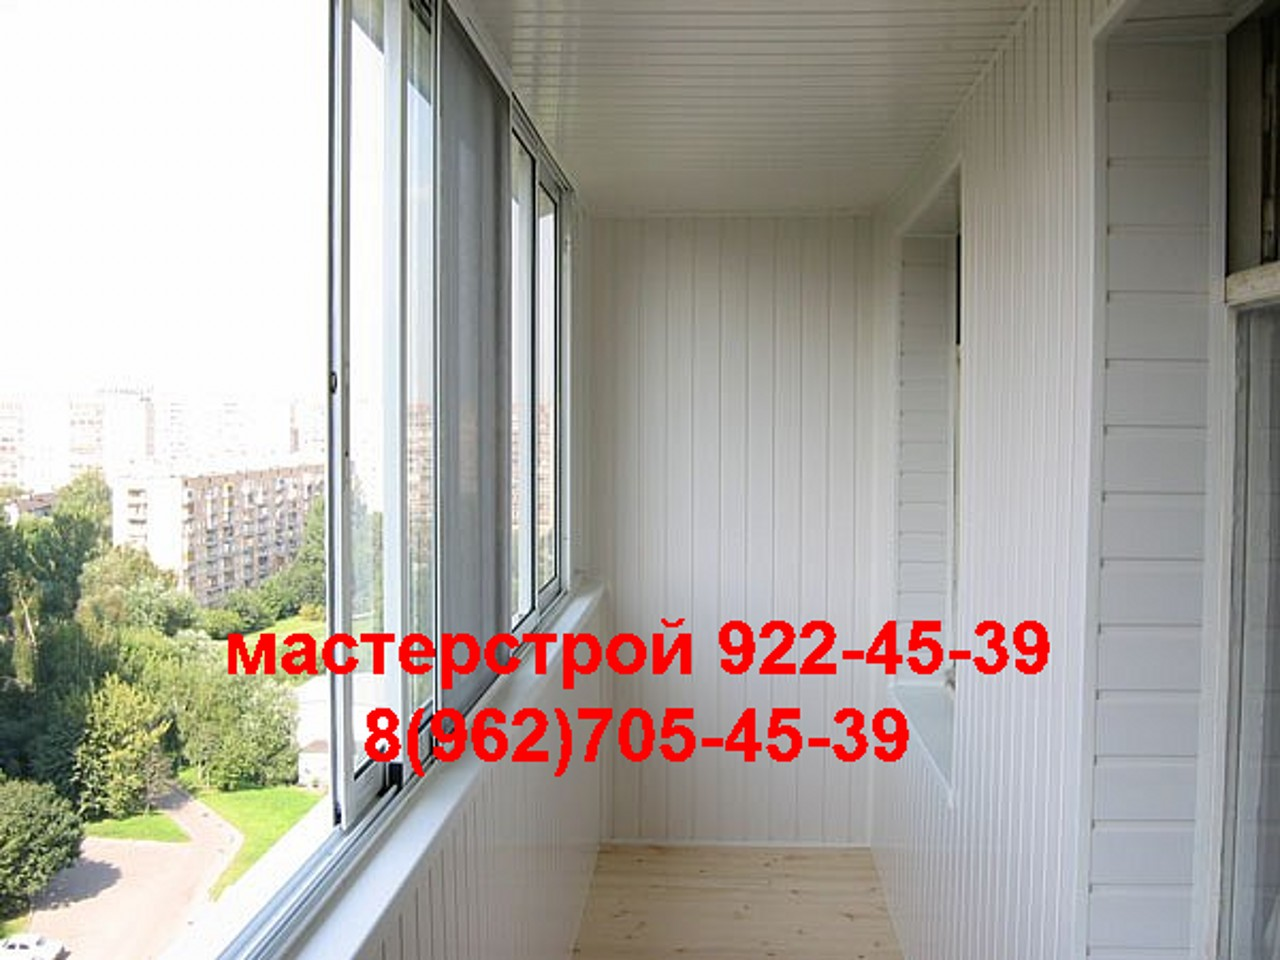 Остекление лоджий, балконов раздел на портале vivbo.ru.